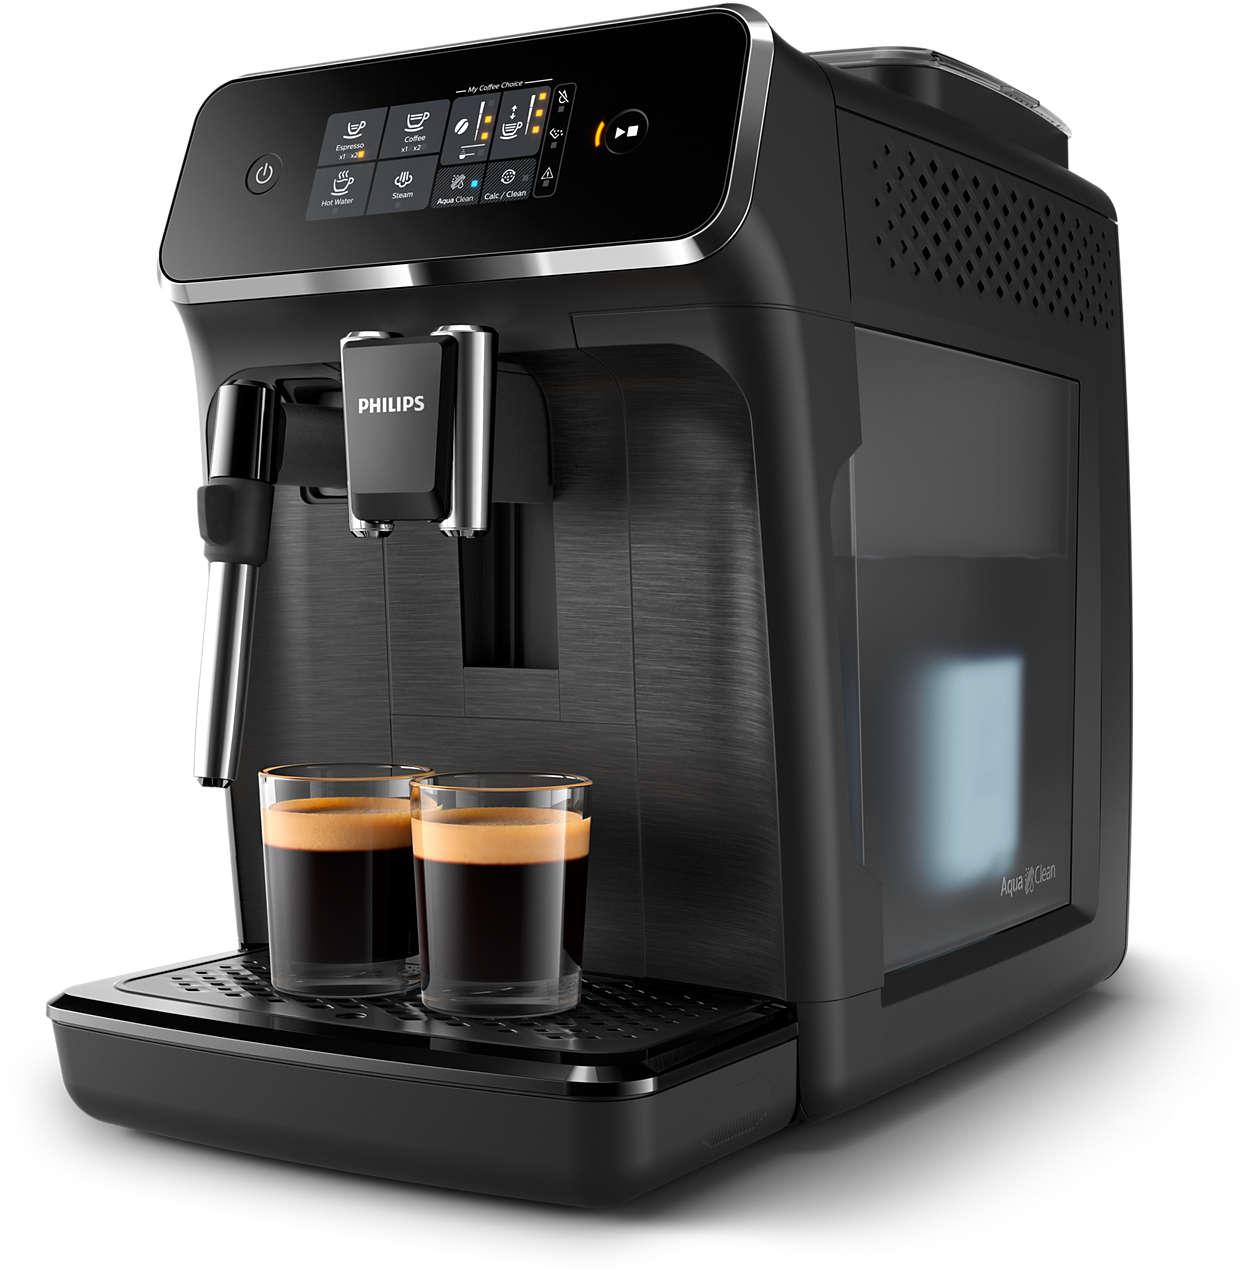 2 lækre kaffevarianter med friskmalede bønner, uden problemer